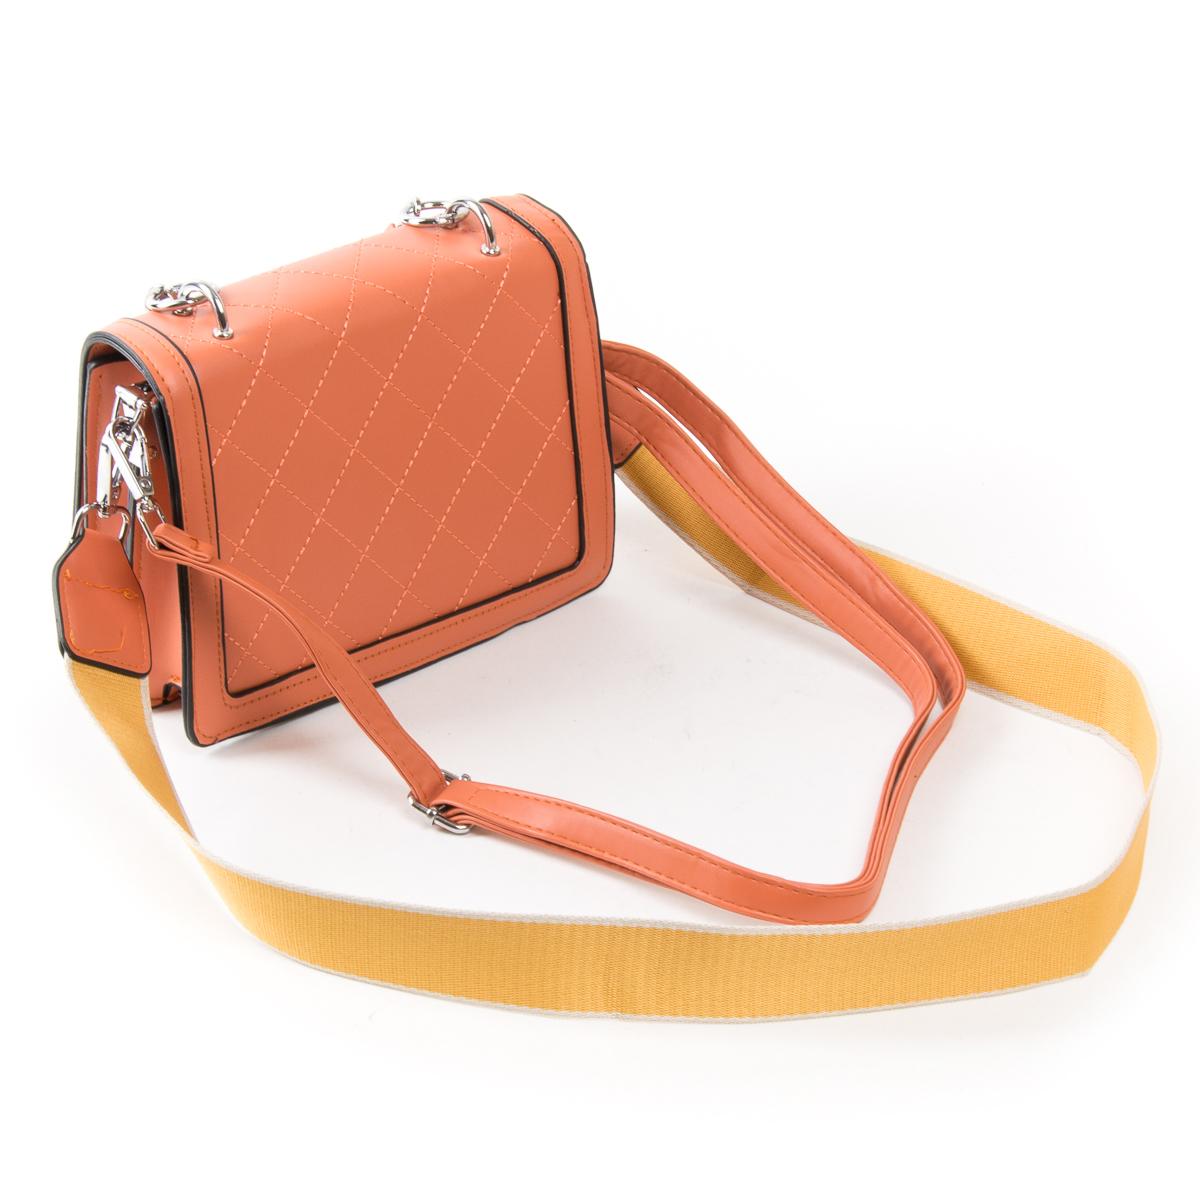 Сумка Женская Классическая иск-кожа FASHION 01-04 18576 orange - фото 4